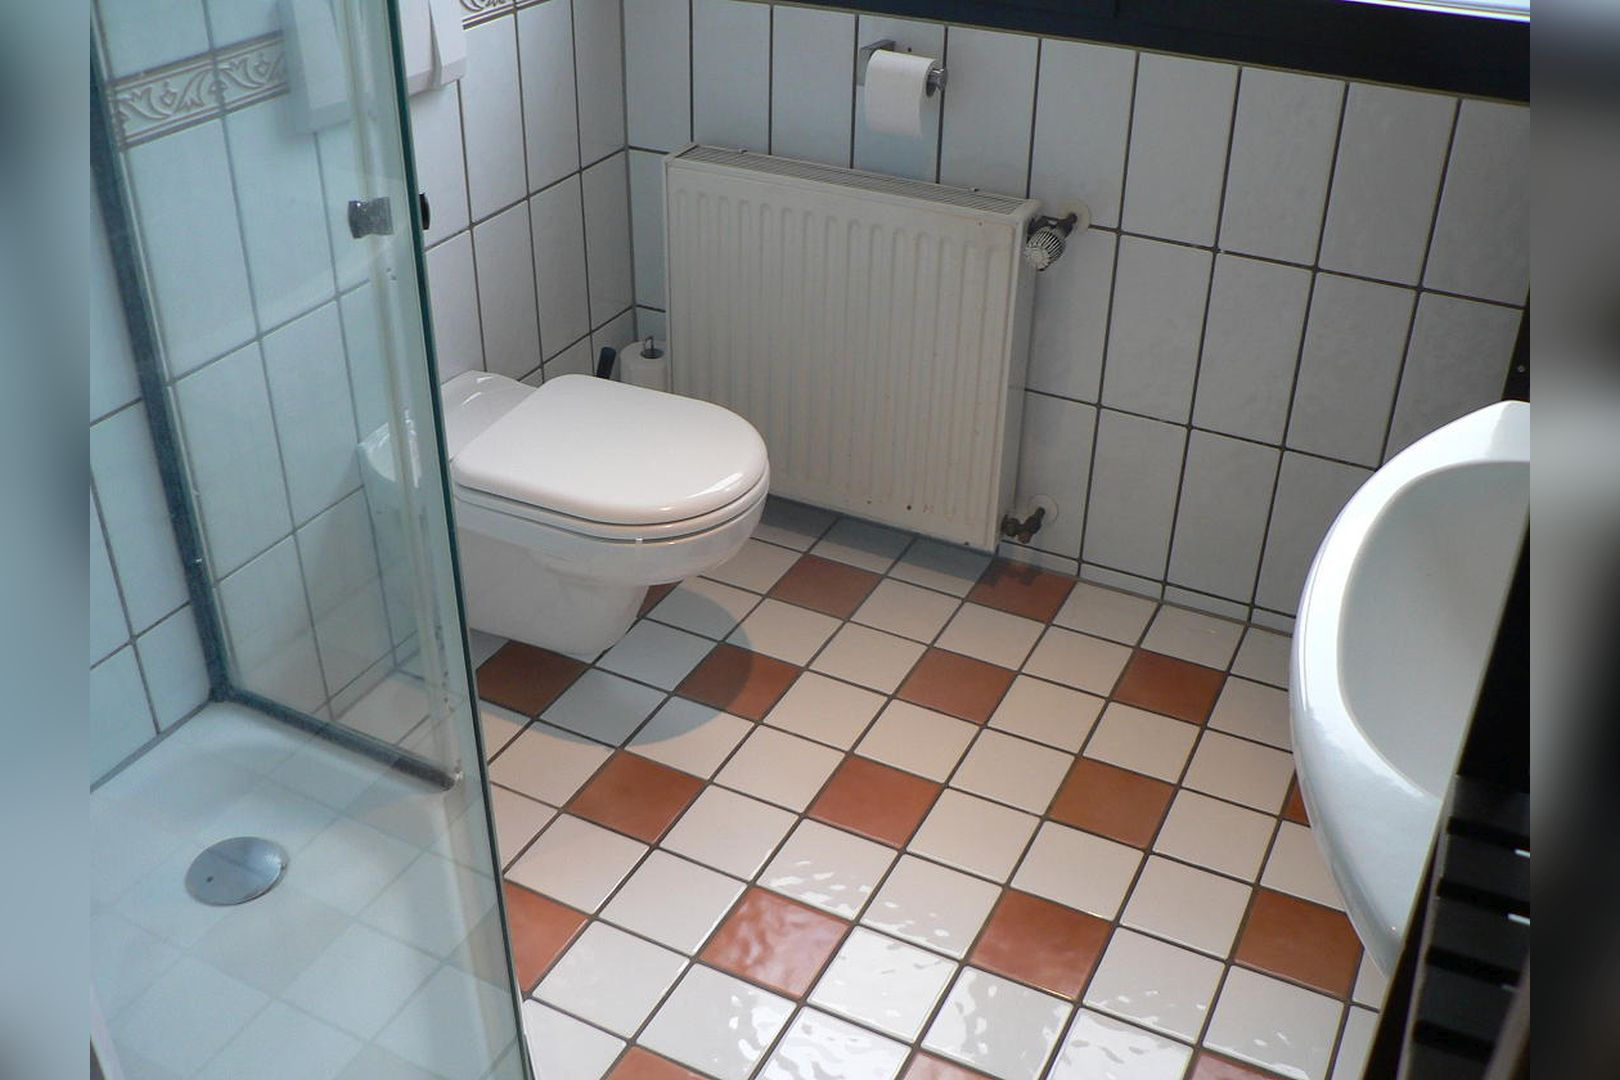 Immobilie Nr.0251 - Maisonette-Wohnung mit Galerie und großer Dachterrasse  - Bild 10.jpg